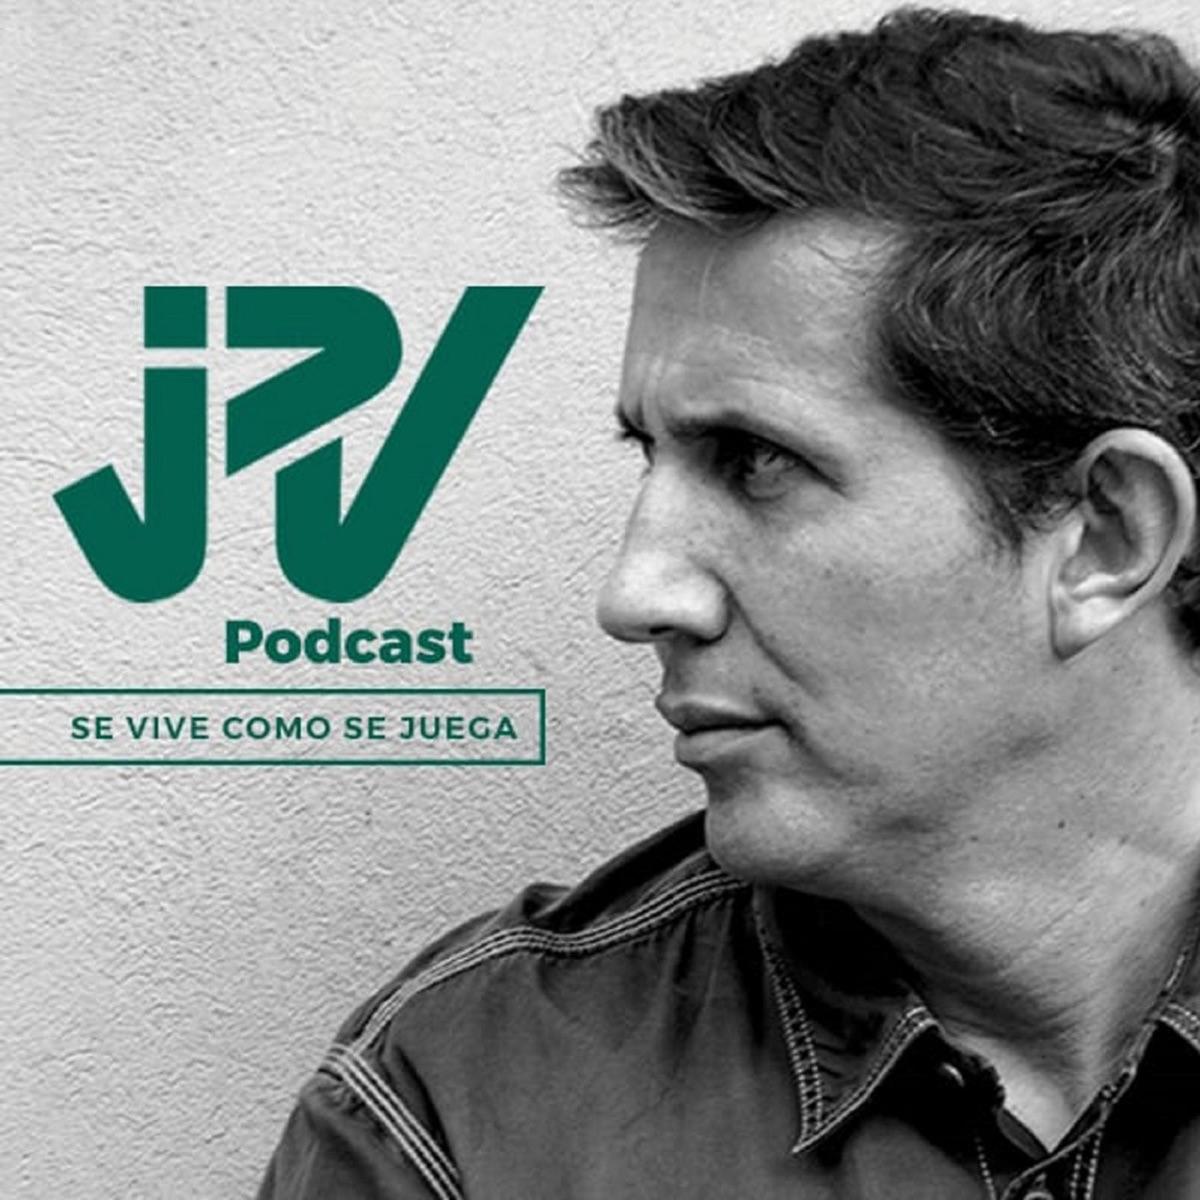 JPV Podcast